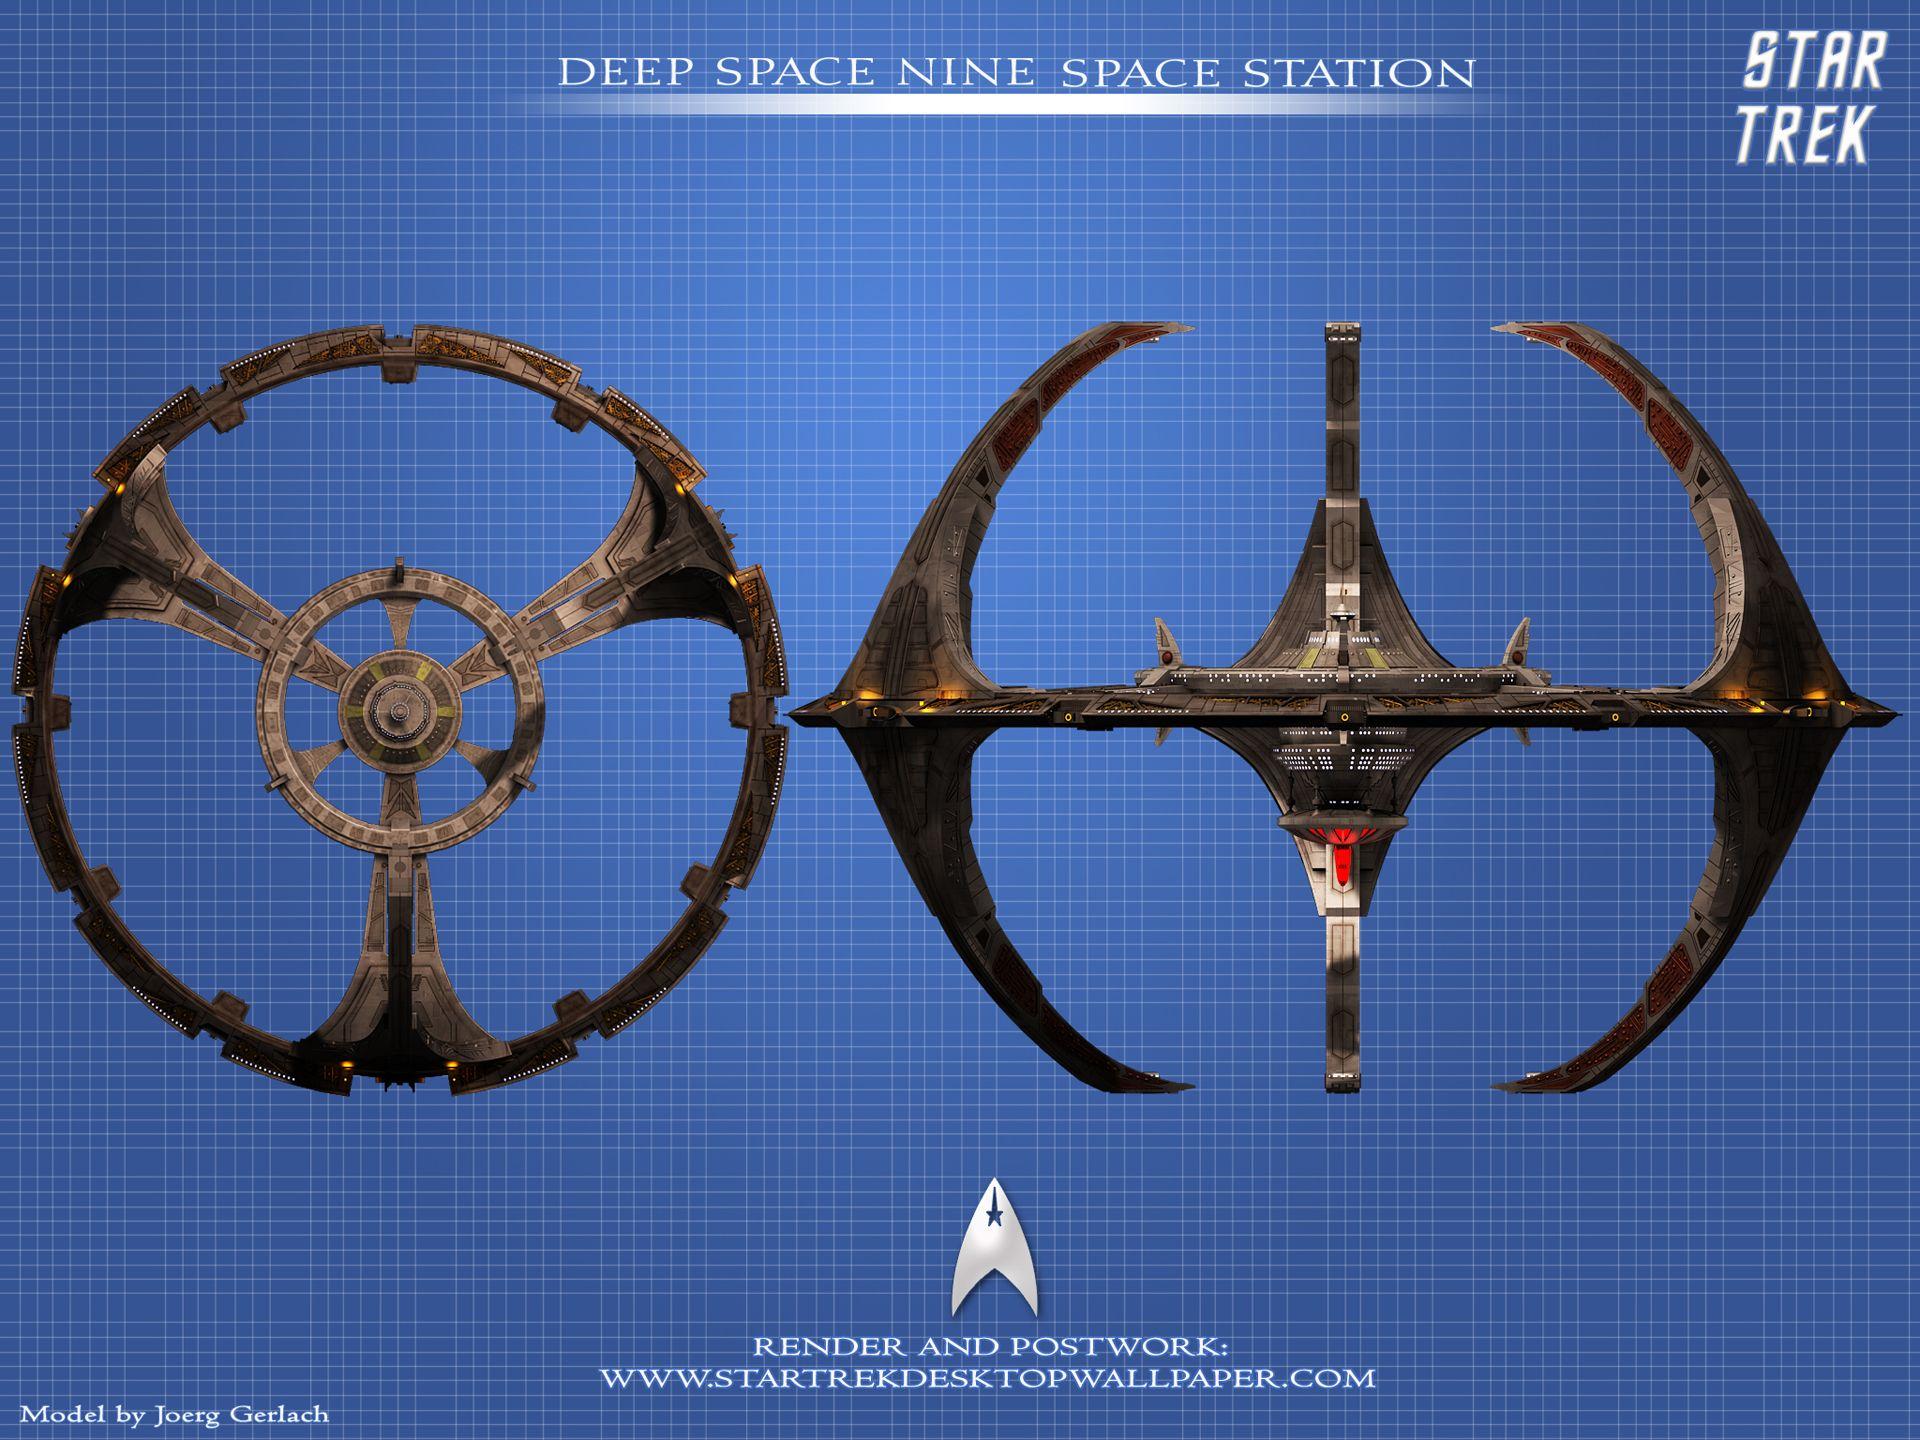 star trek deep space nine space station free star trek computer  - star trek deep space nine space station free star trek computer